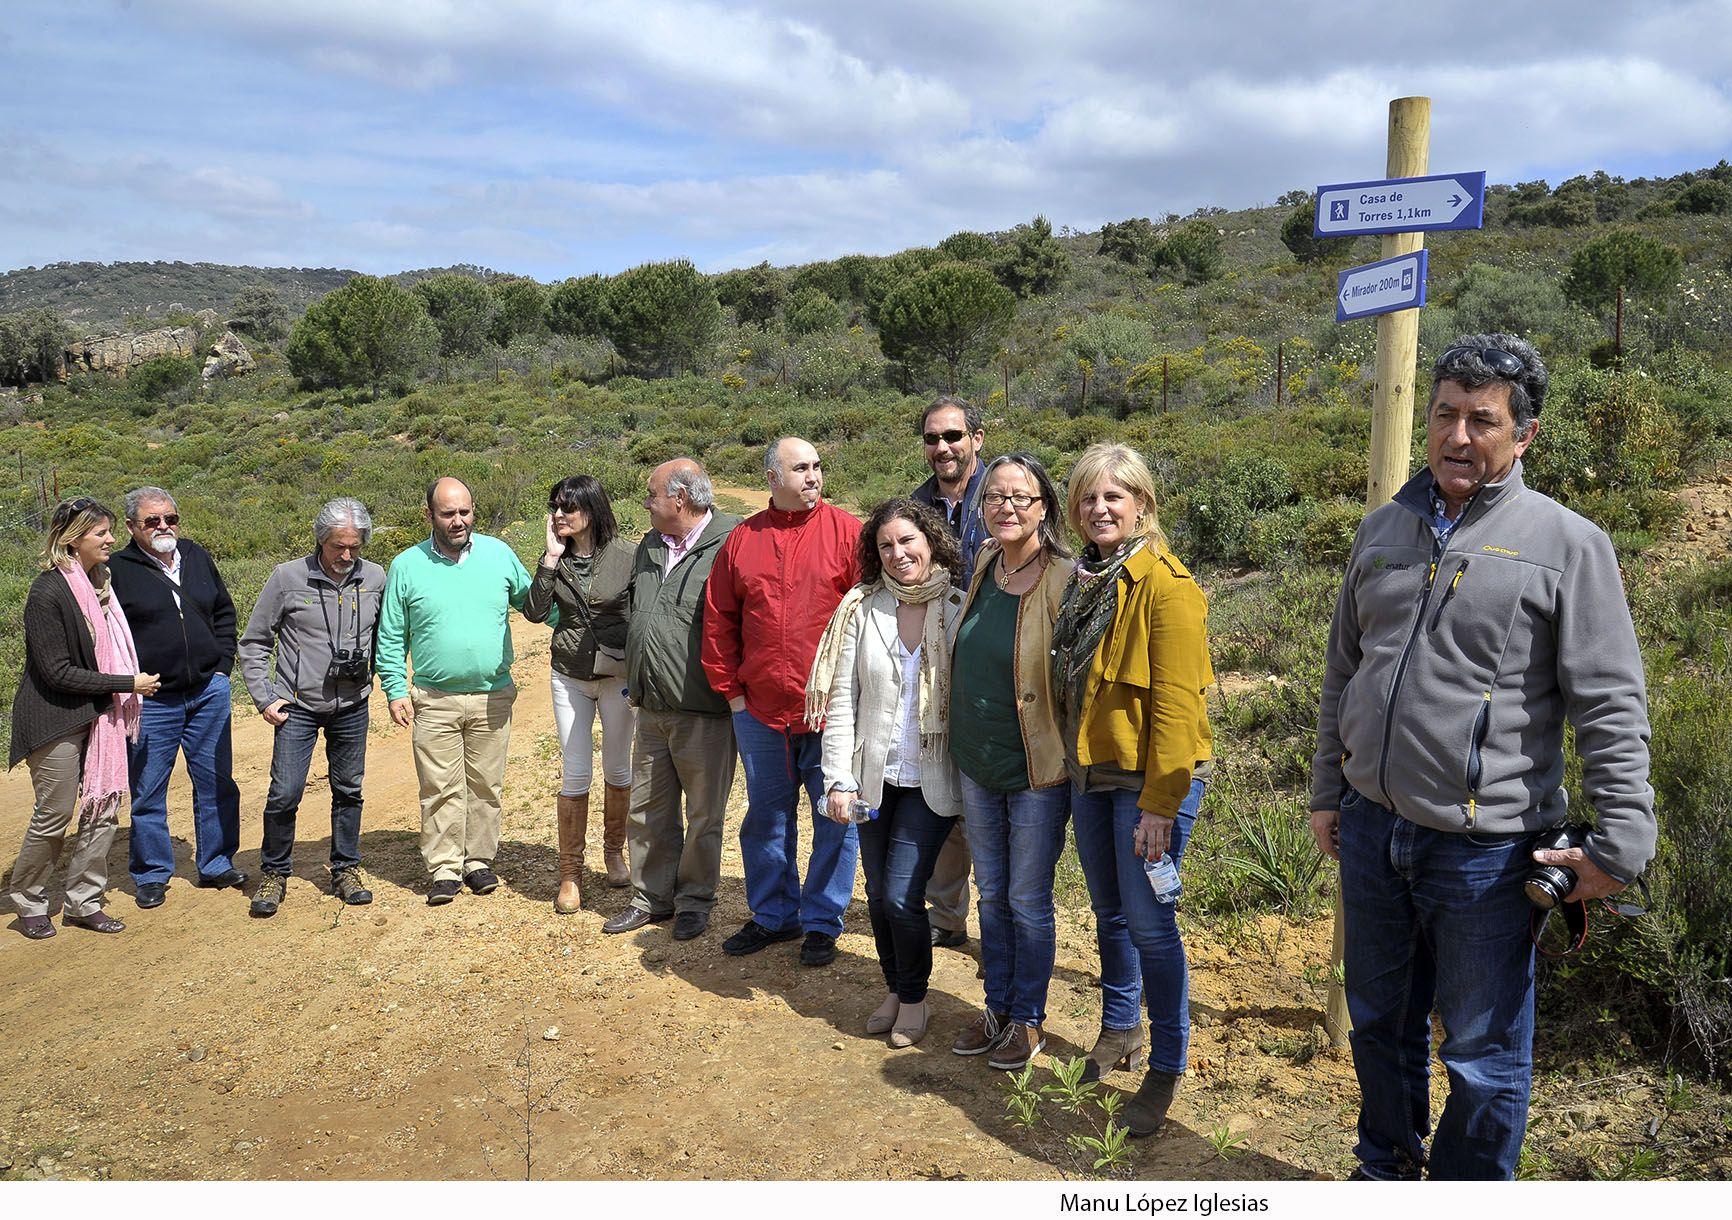 Los montes de propios de jerez abrir n cinco nuevas rutas para disfrute de todos los jerezanos y - Farmacia guardia puerto del rosario ...